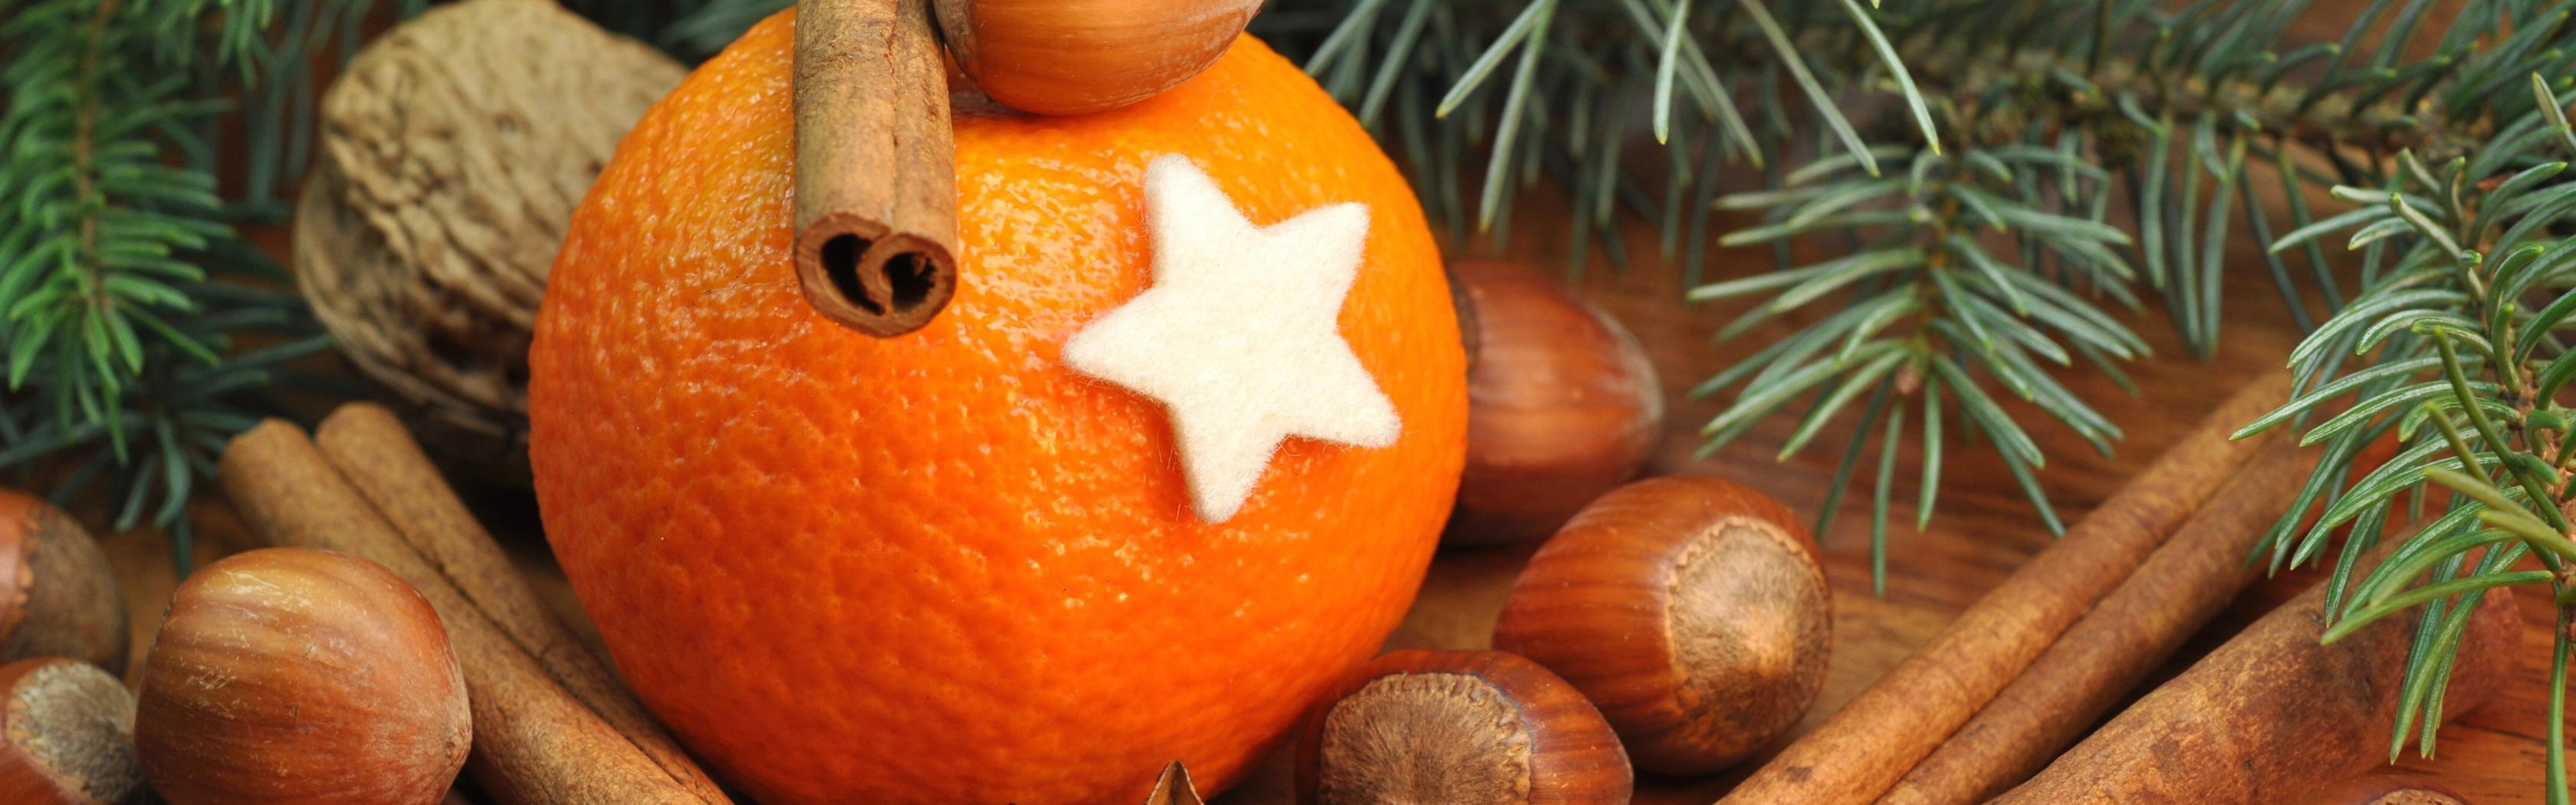 Картинка для рабочего стола апельсины новый год